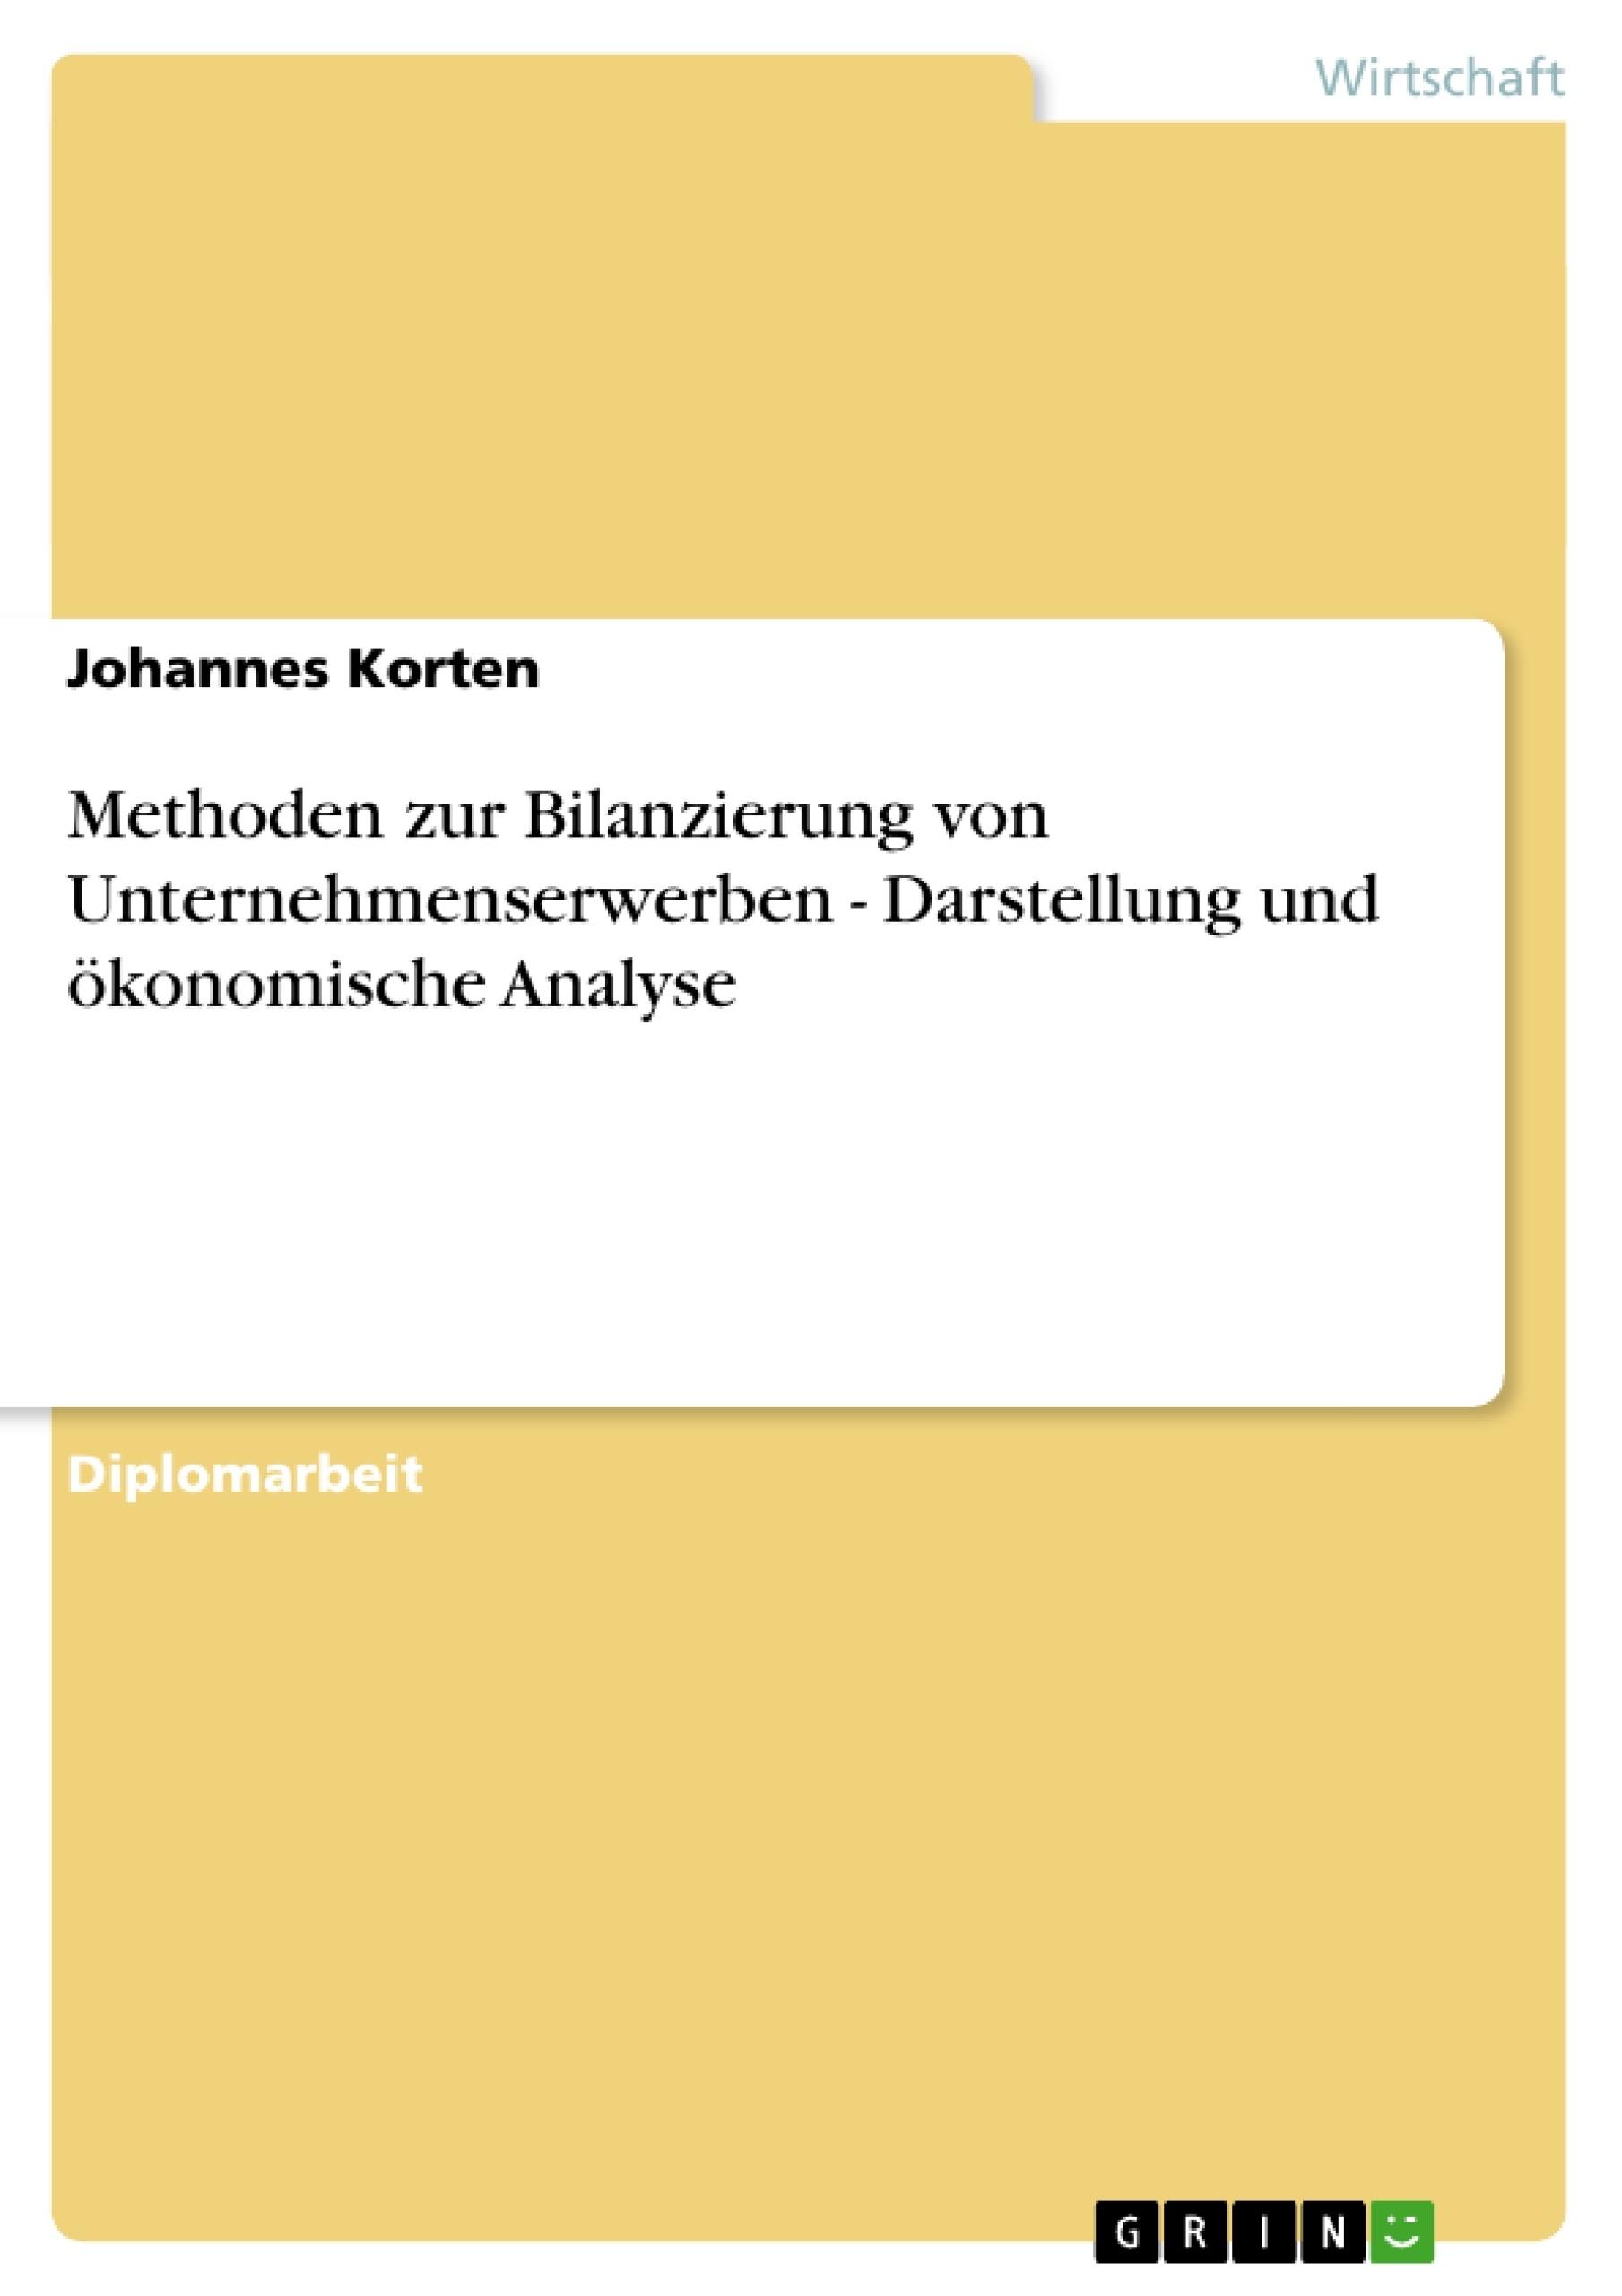 Titel: Methoden zur Bilanzierung von Unternehmenserwerben - Darstellung und ökonomische Analyse